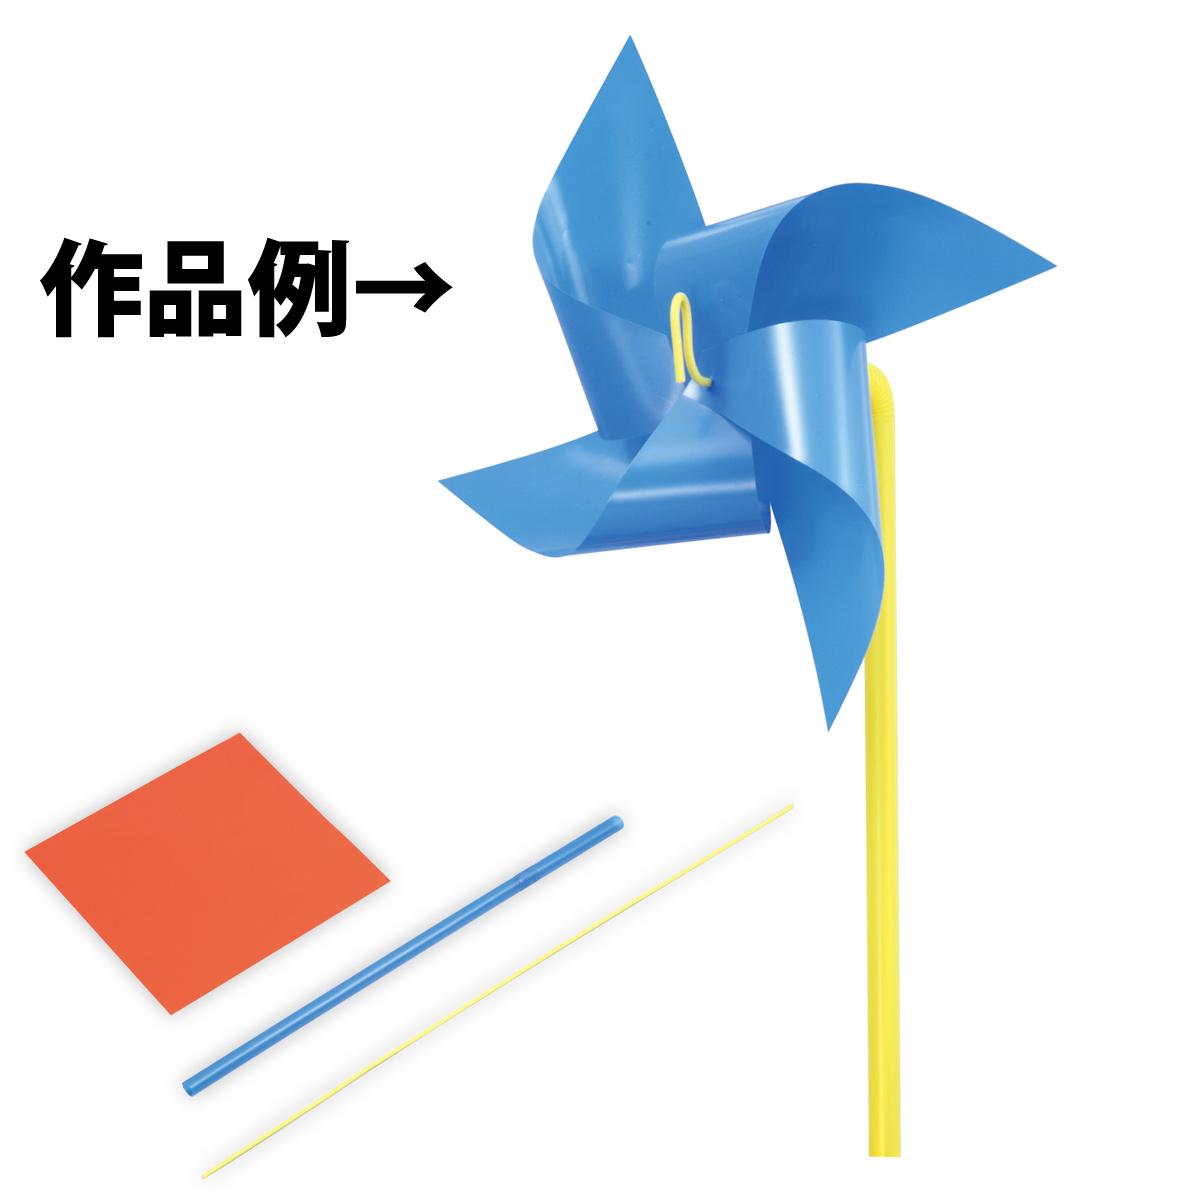 かざぐるま 風車 幼児 子供 キッズ おもちゃ 知育玩具 教材 クリスマスプレゼント